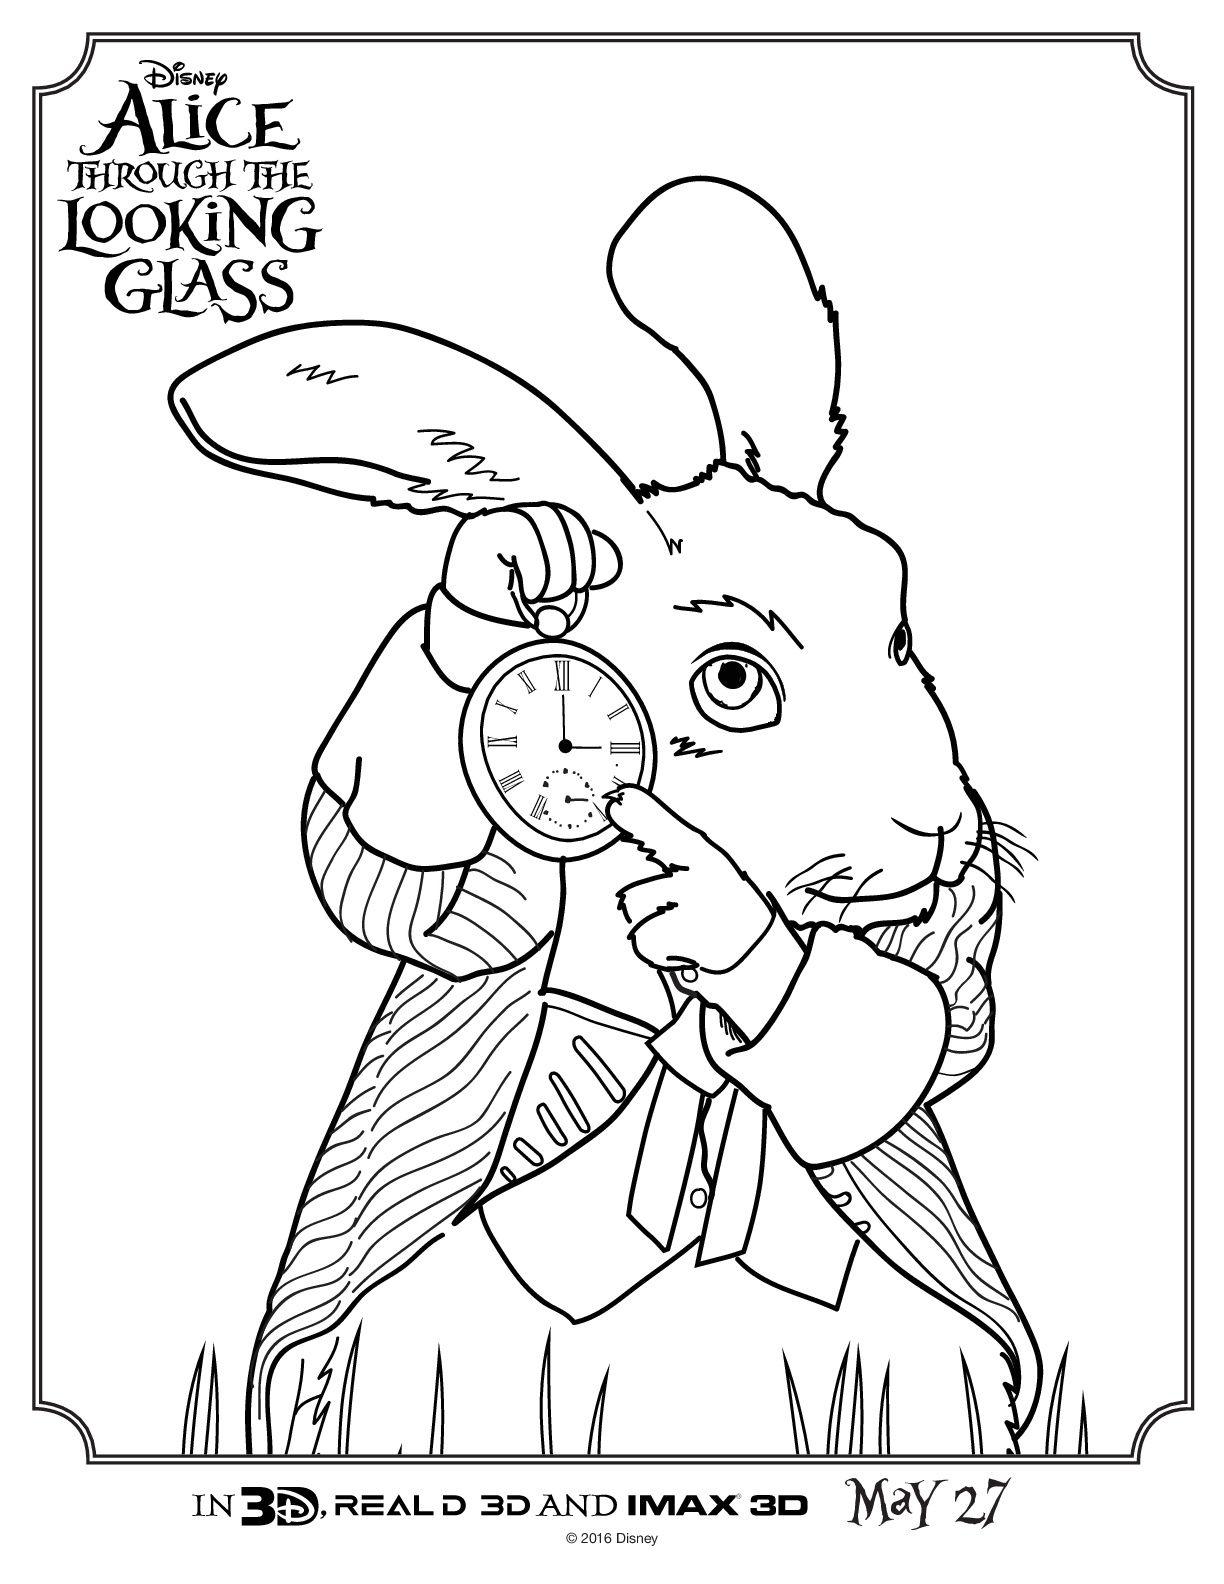 Pin De Laila Castro Em Disney Desenhos Alice No Pais Das